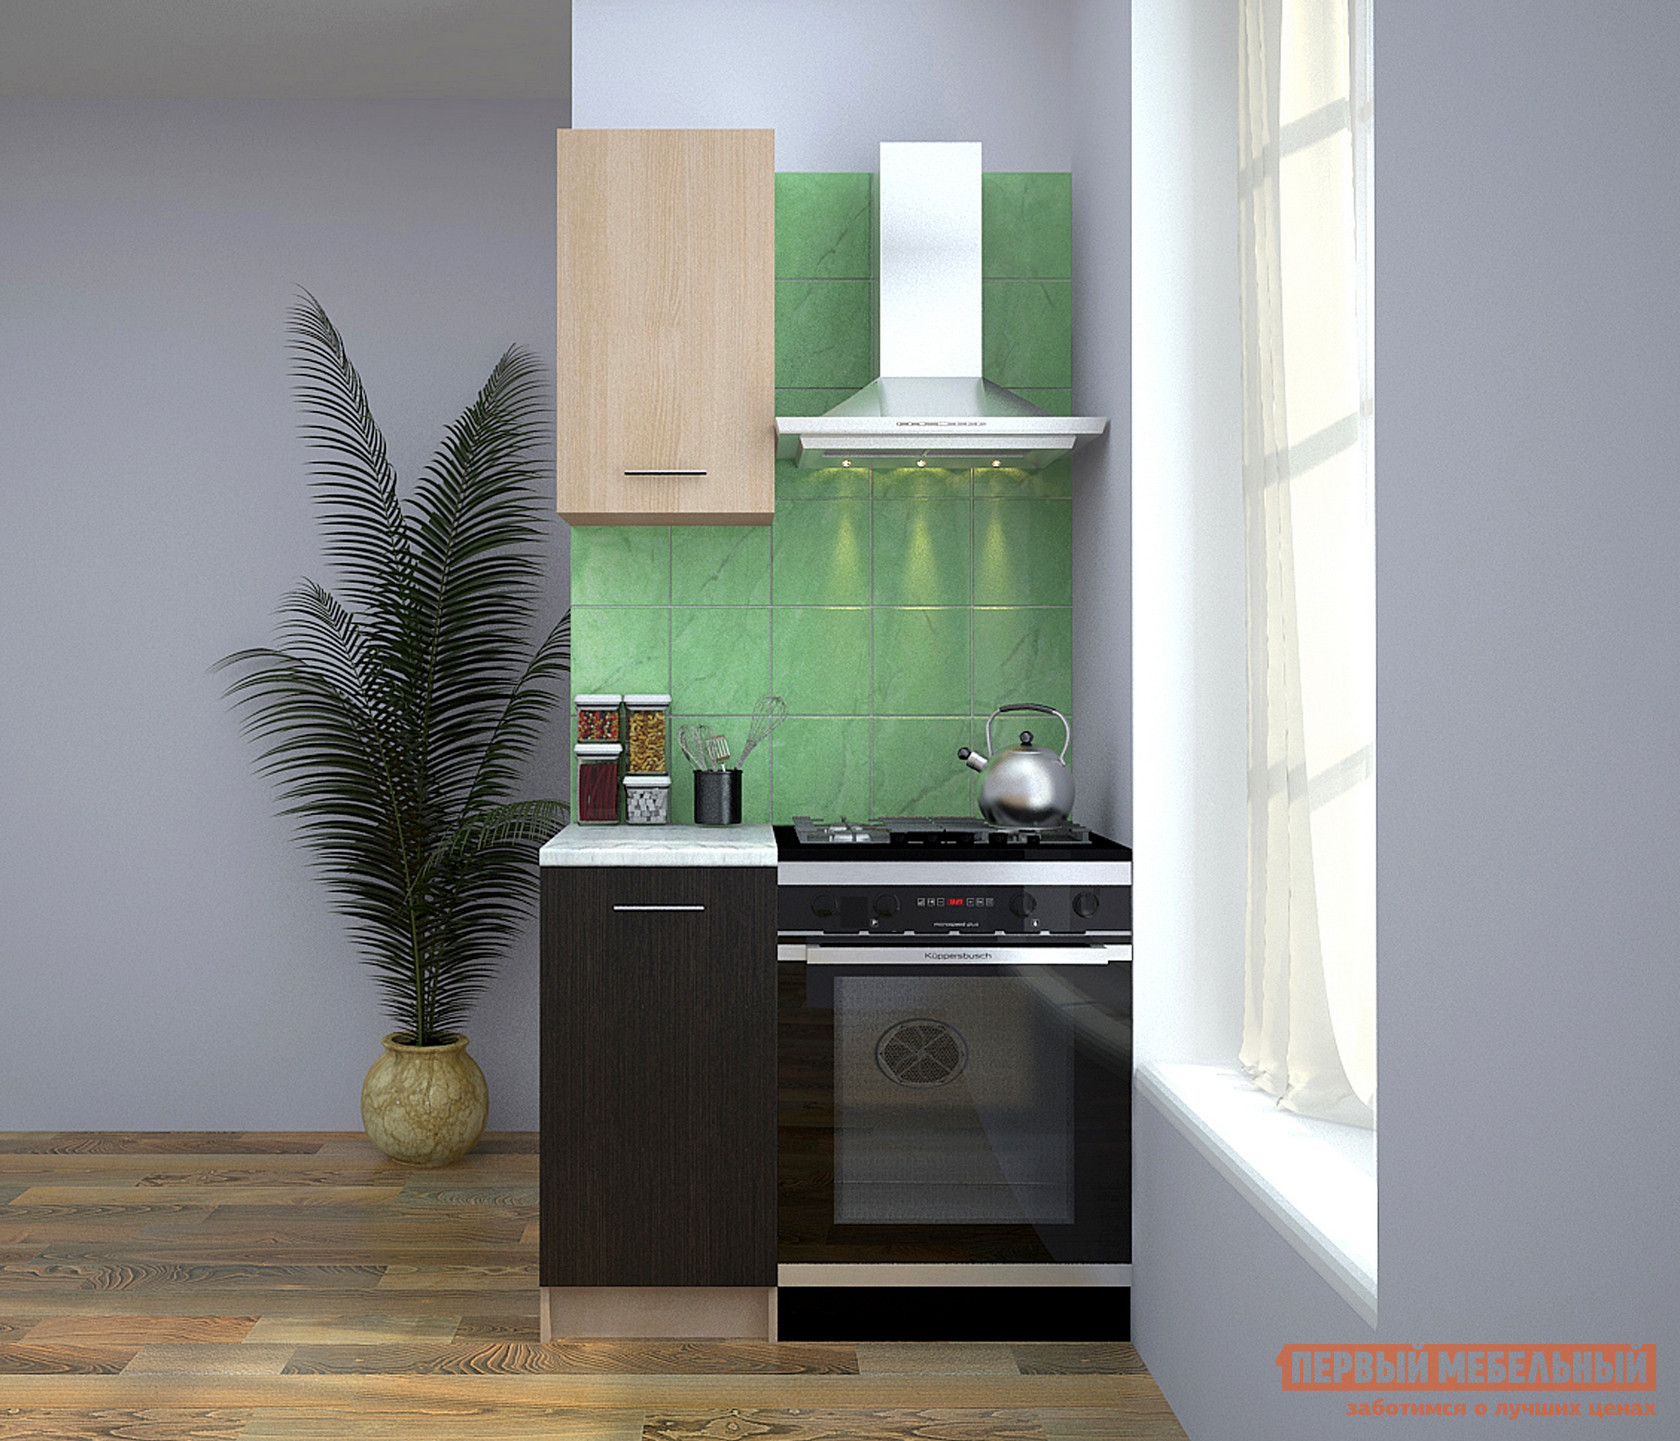 Кухонный гарнитур НК-Мебель Шаста 40 см сурская мебель кухонный гарнитур настя 11